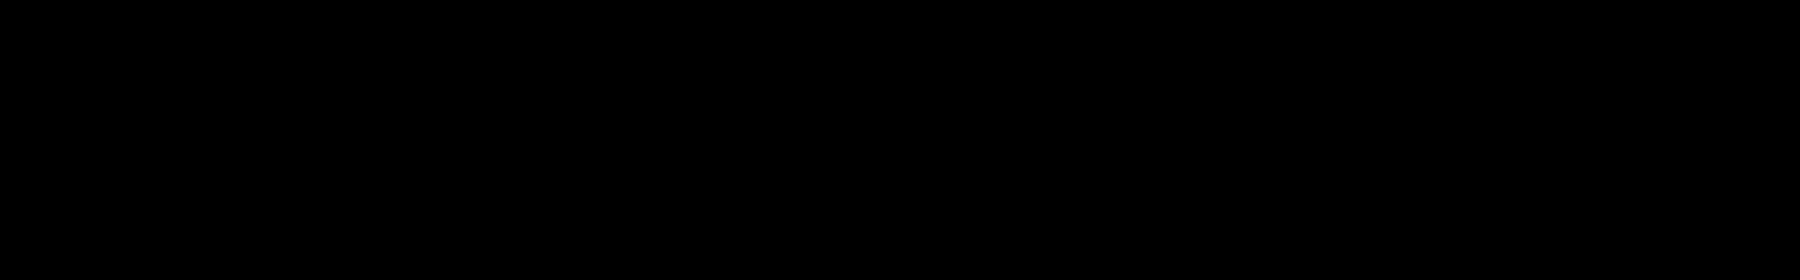 Dancehall X Pop audio waveform